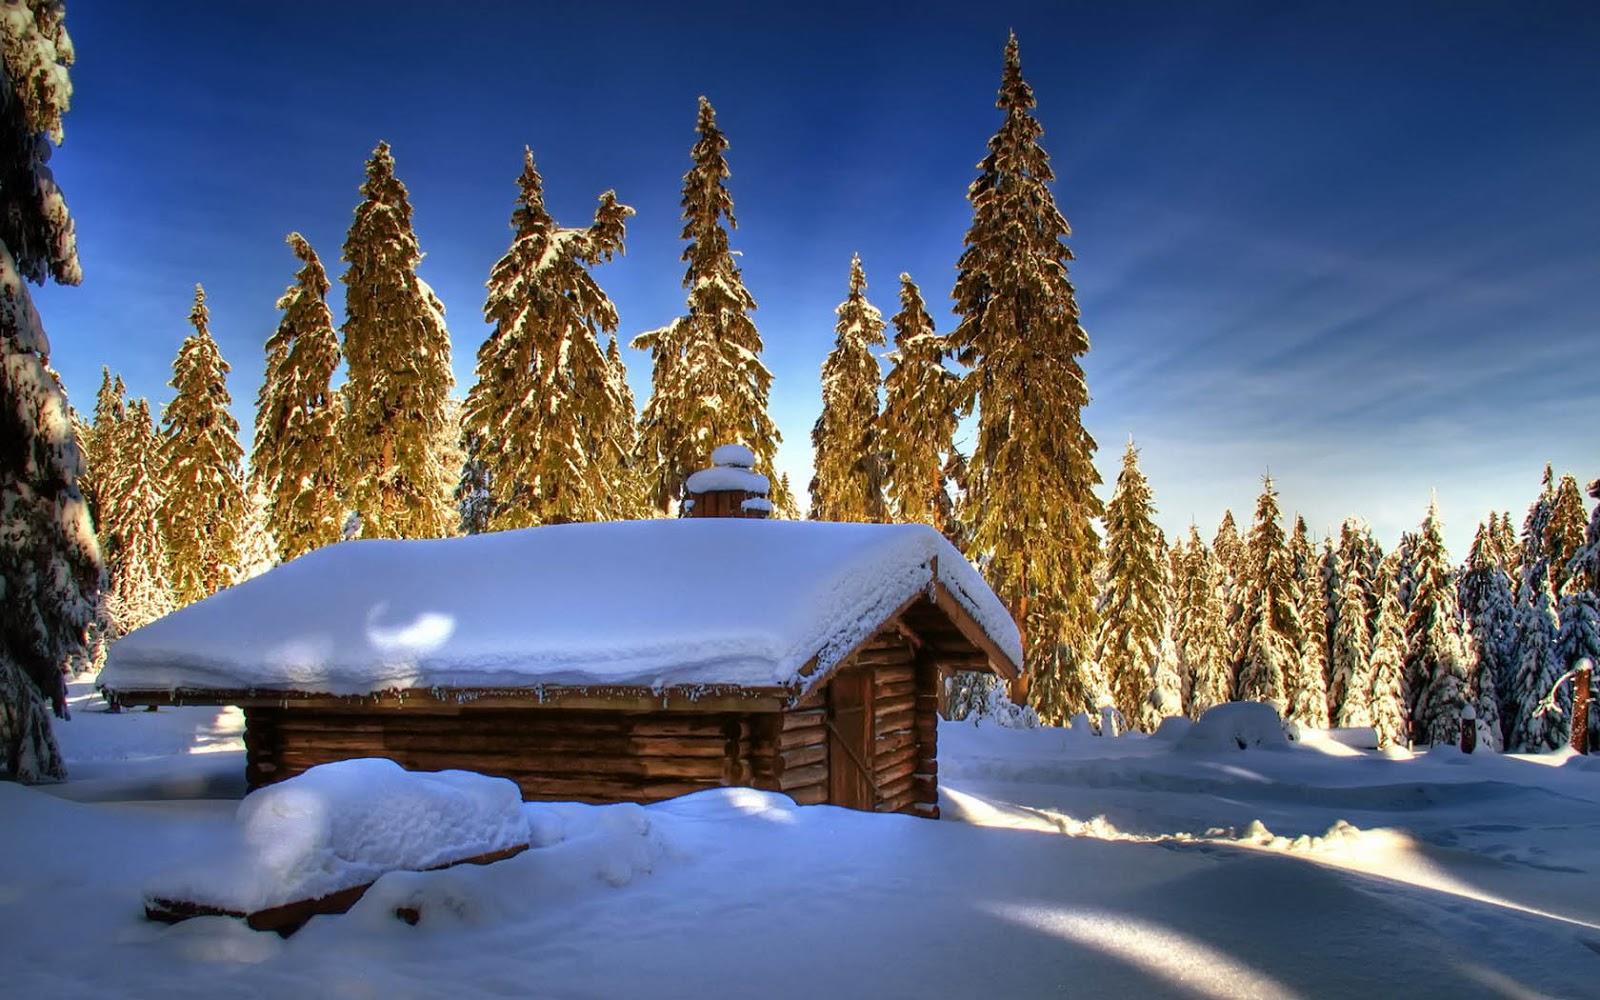 http://2.bp.blogspot.com/-xzN48pSGmGQ/UOgYahttW0I/AAAAAAAAKzs/C7GnMWcjamI/s1600/winter-wallpaper-met-een-houten-hut-in-de-sneeuw-met-bomen-op-de-achtergrond.jpg